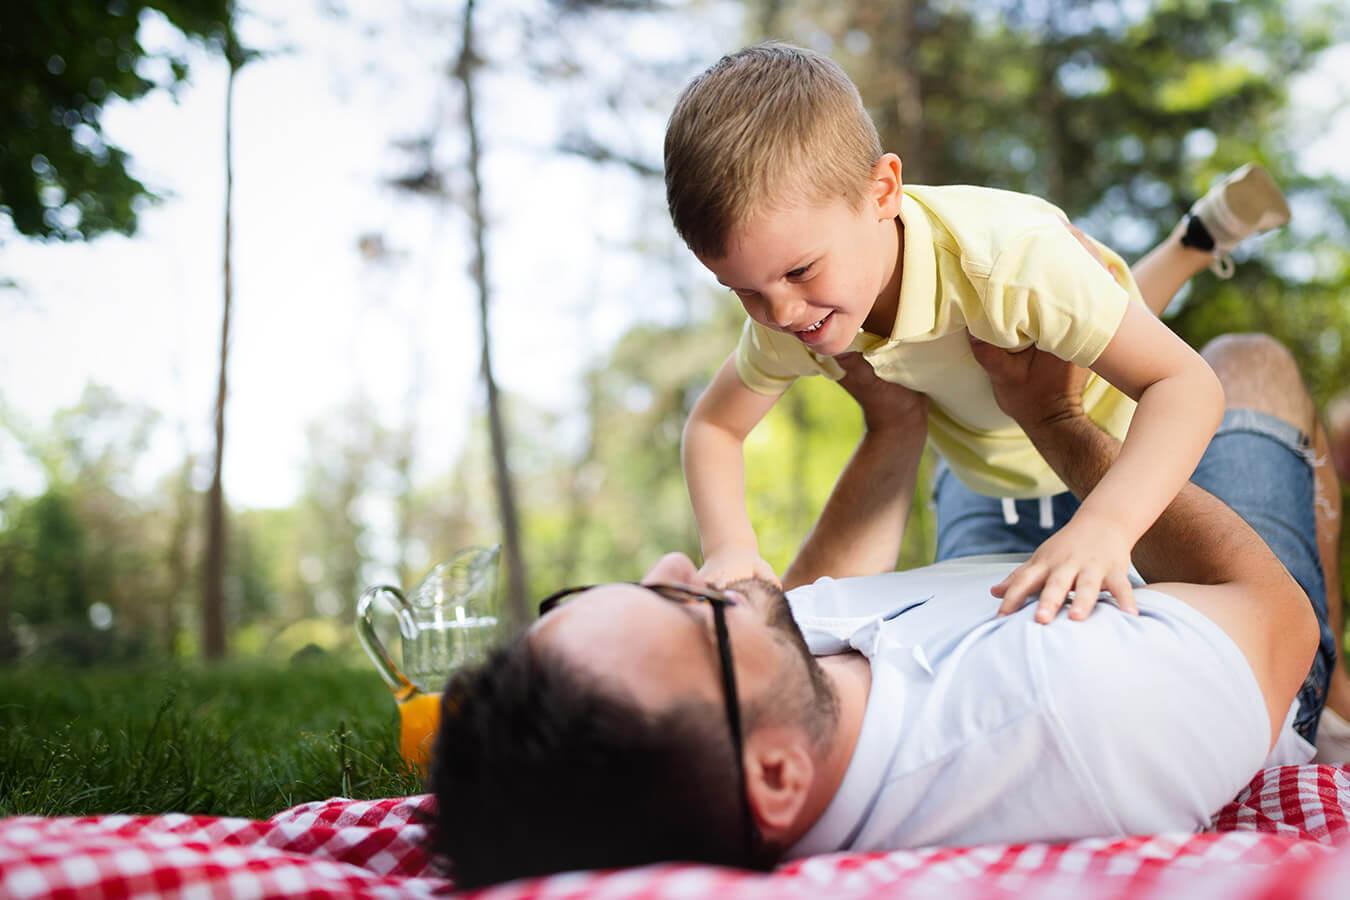 Życzenia na Dzień Ojca od dorosłej osoby – piękne, poważne i wzruszające życzenia dla taty